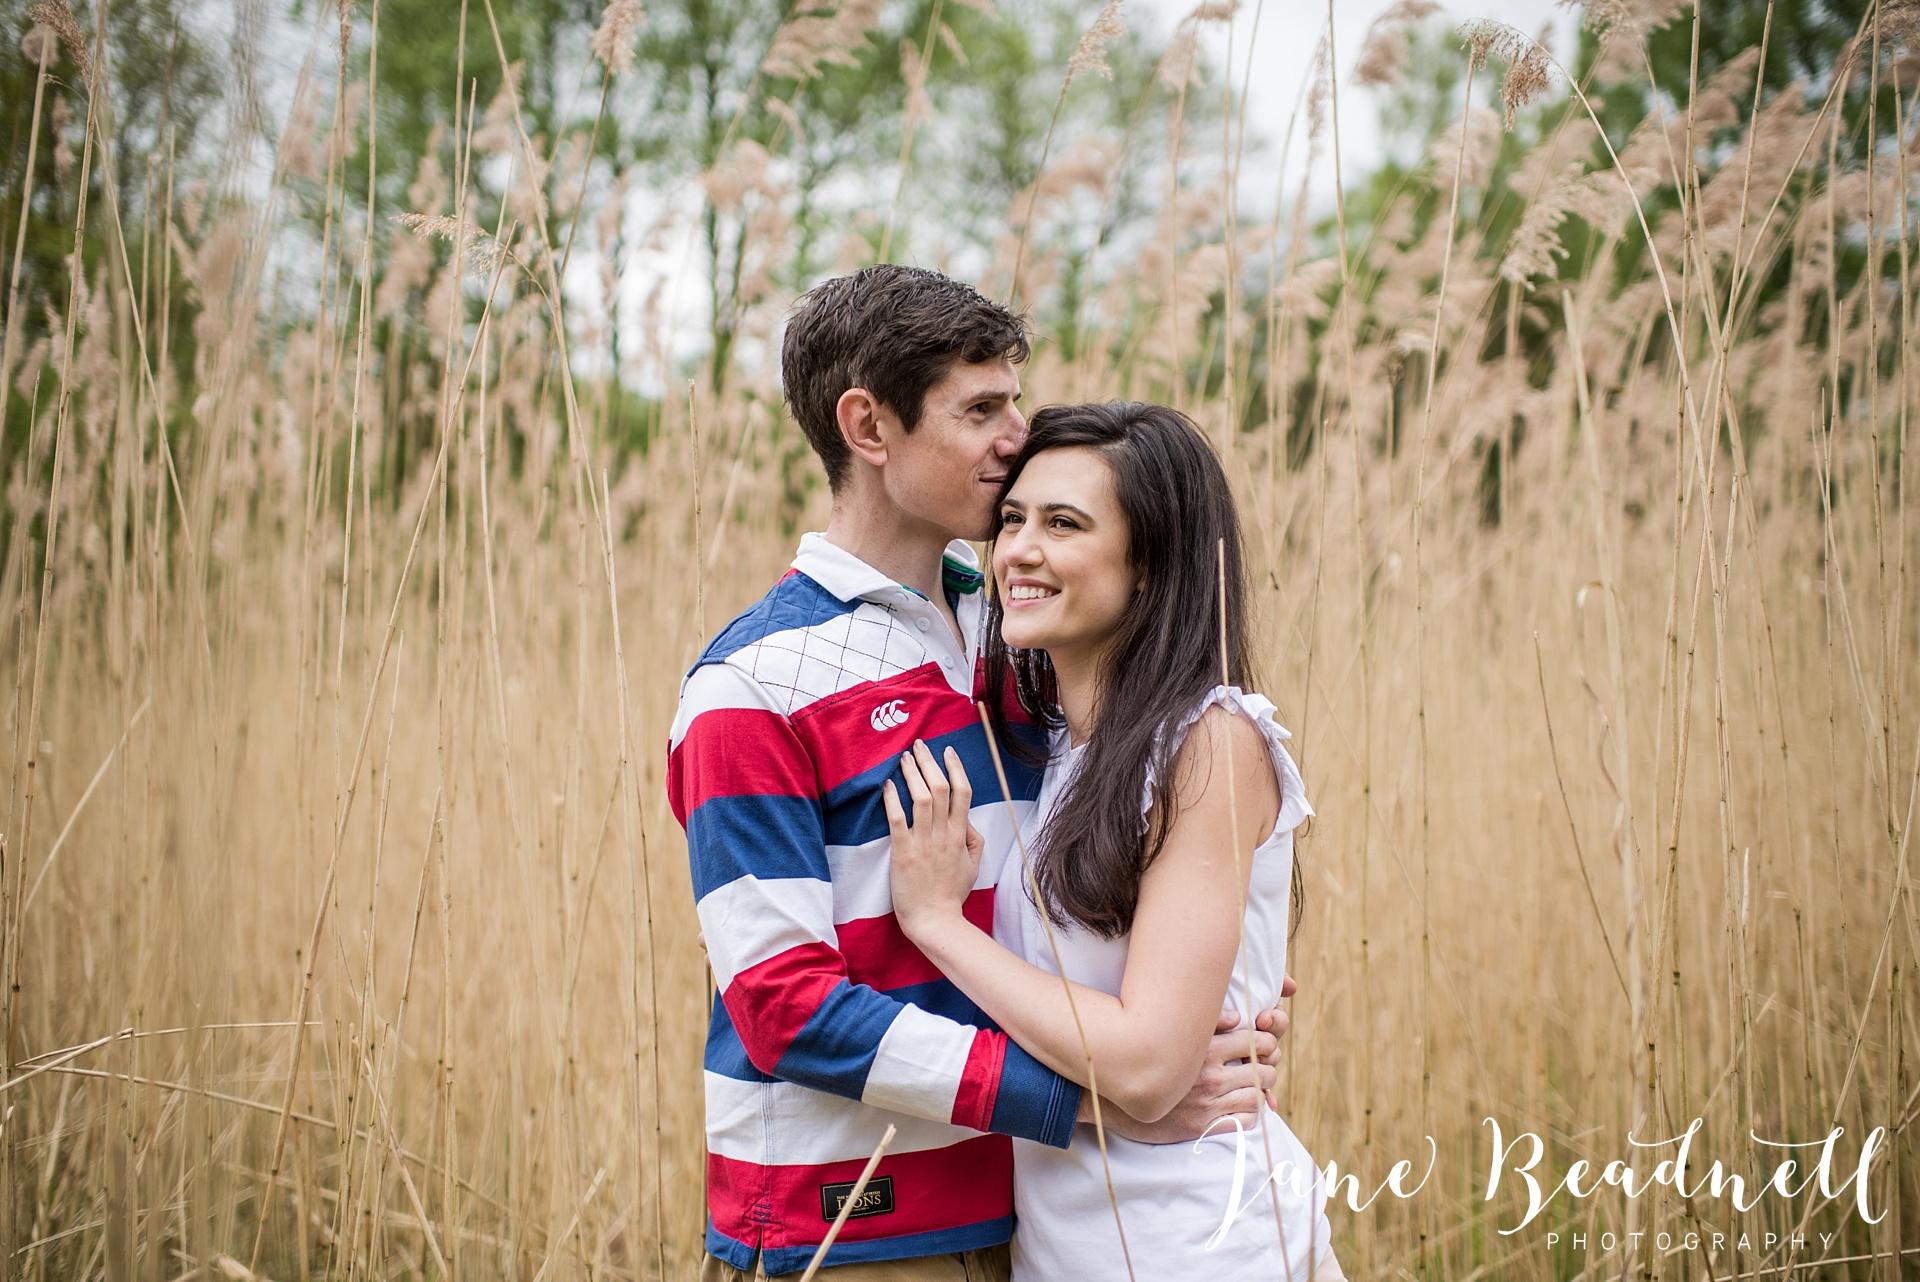 Yorkshire Sculpture Park Engagement Shoot Leeds wedding photographer Jane Beadnell_0060